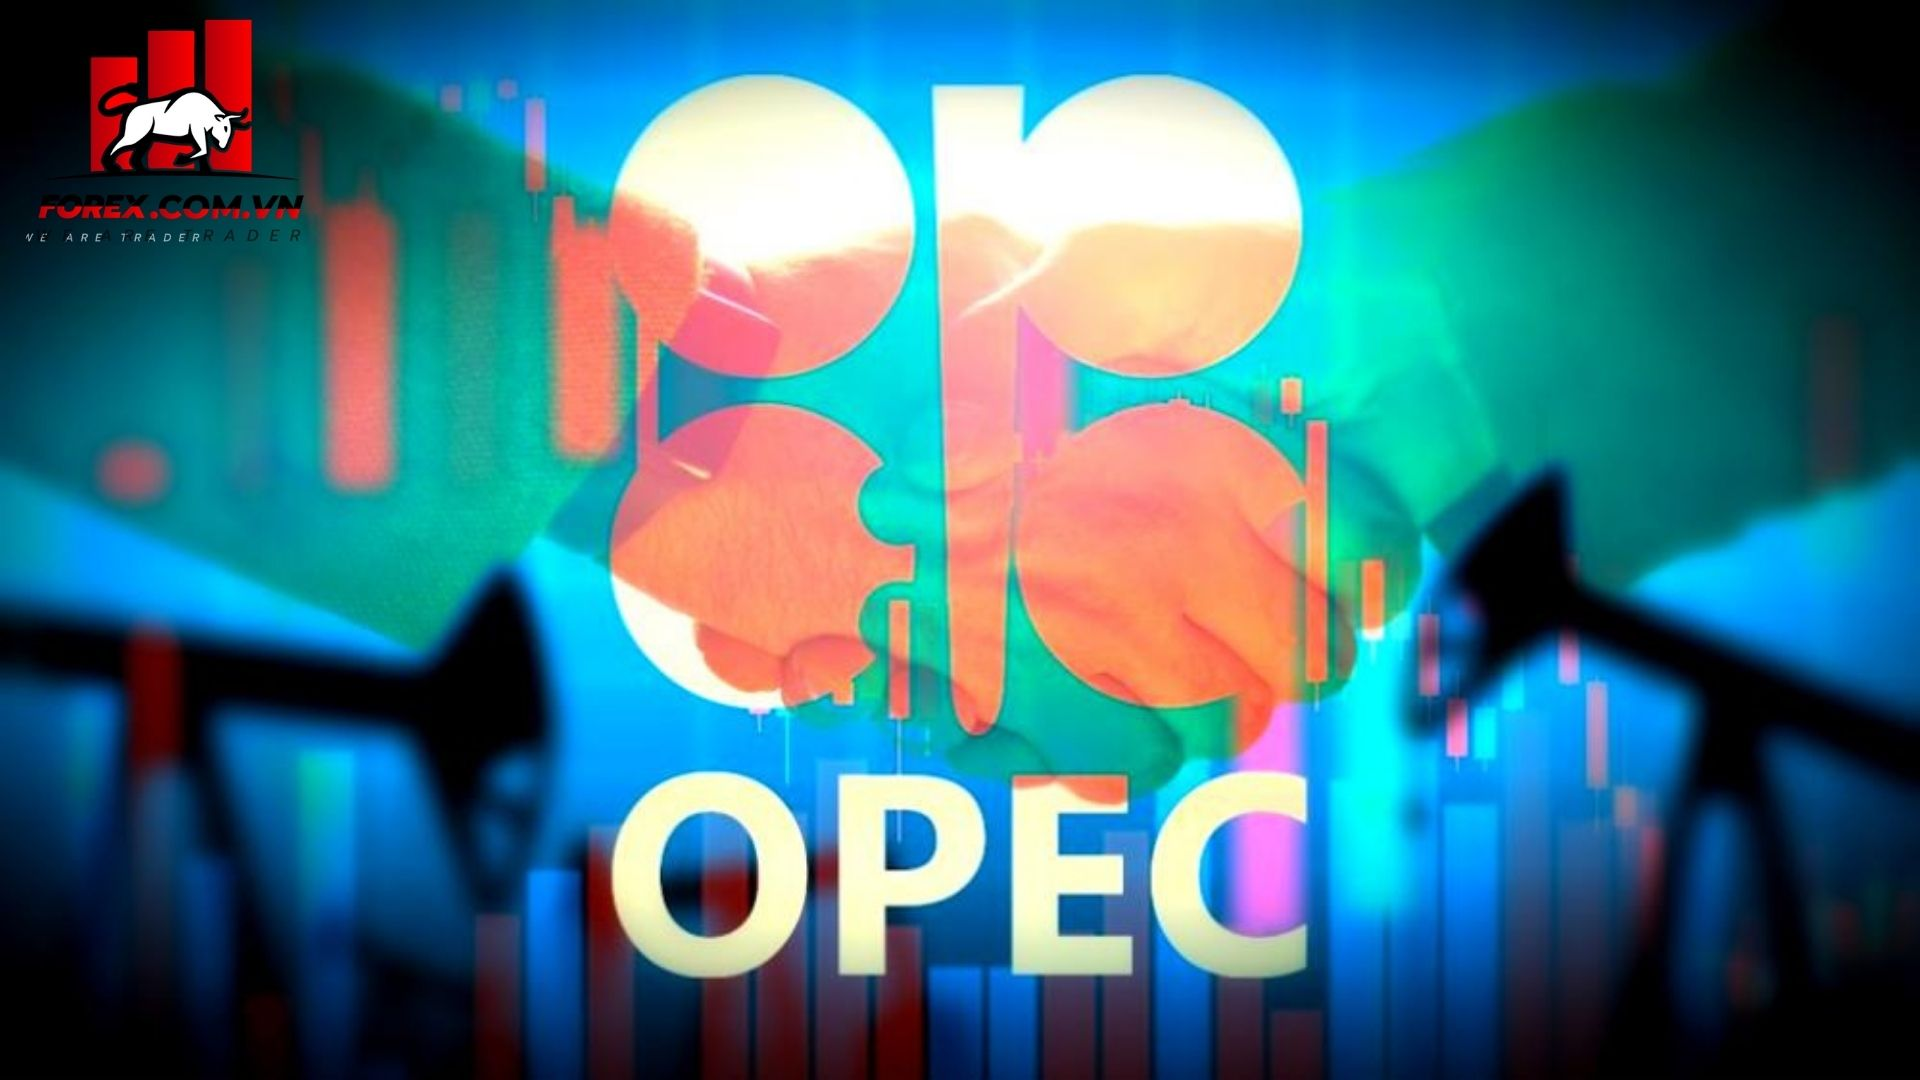 opec + khong khuyen khich cat giam san luong dau